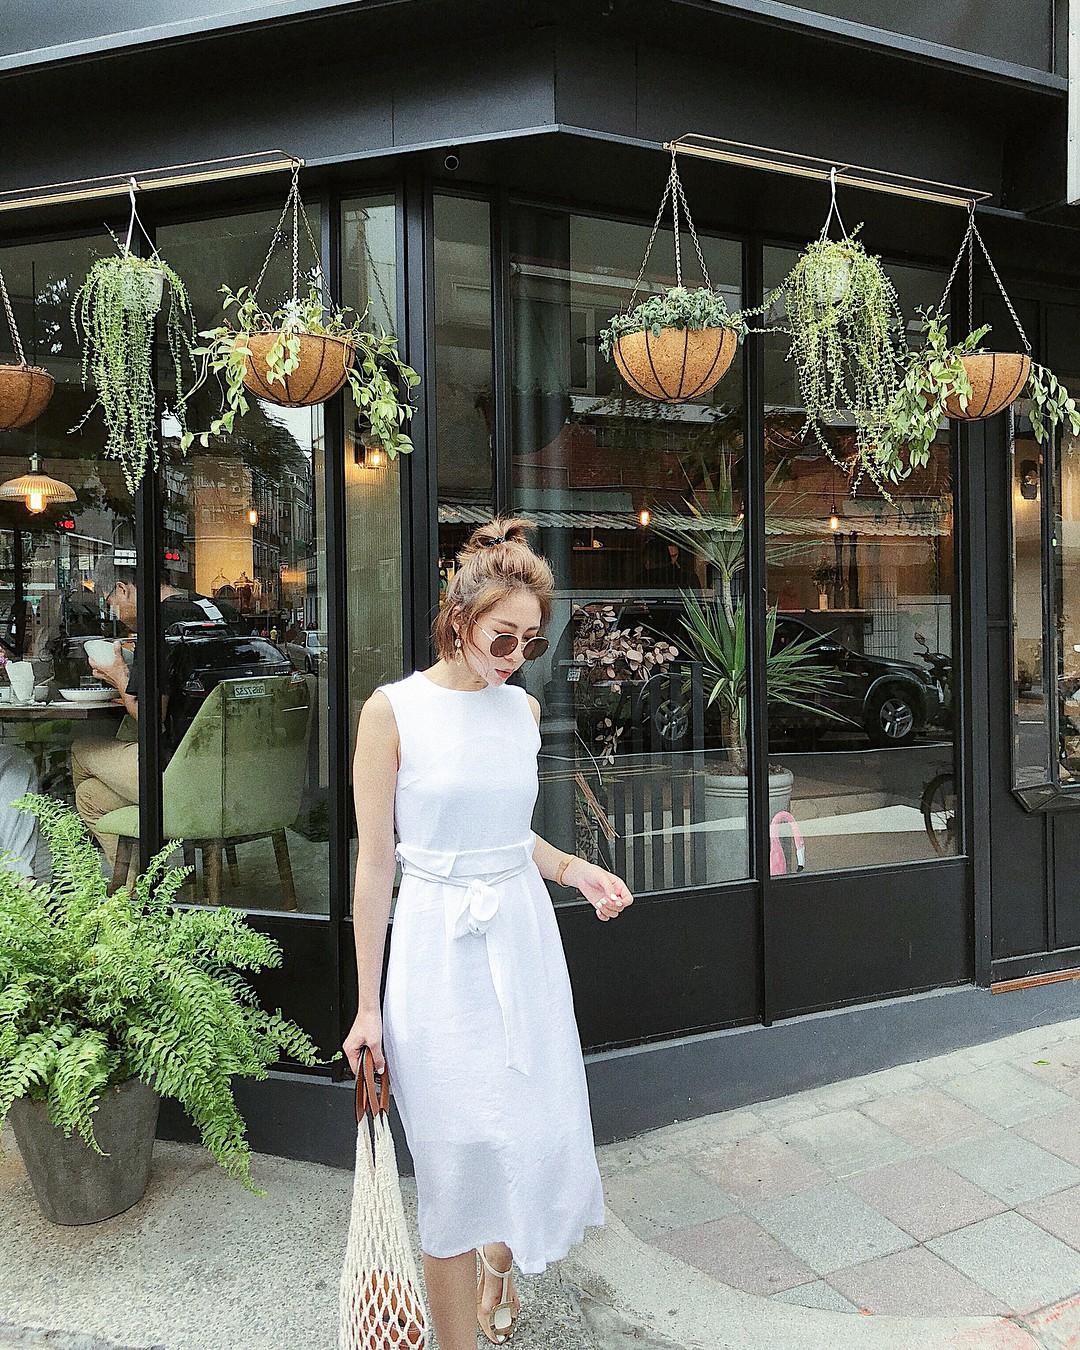 Gợi ý 5 mẫu váy thanh lịch, trang nhã cho các nàng đi dự đám cưới mà không sợ nổi hơn cô dâu - Ảnh 11.